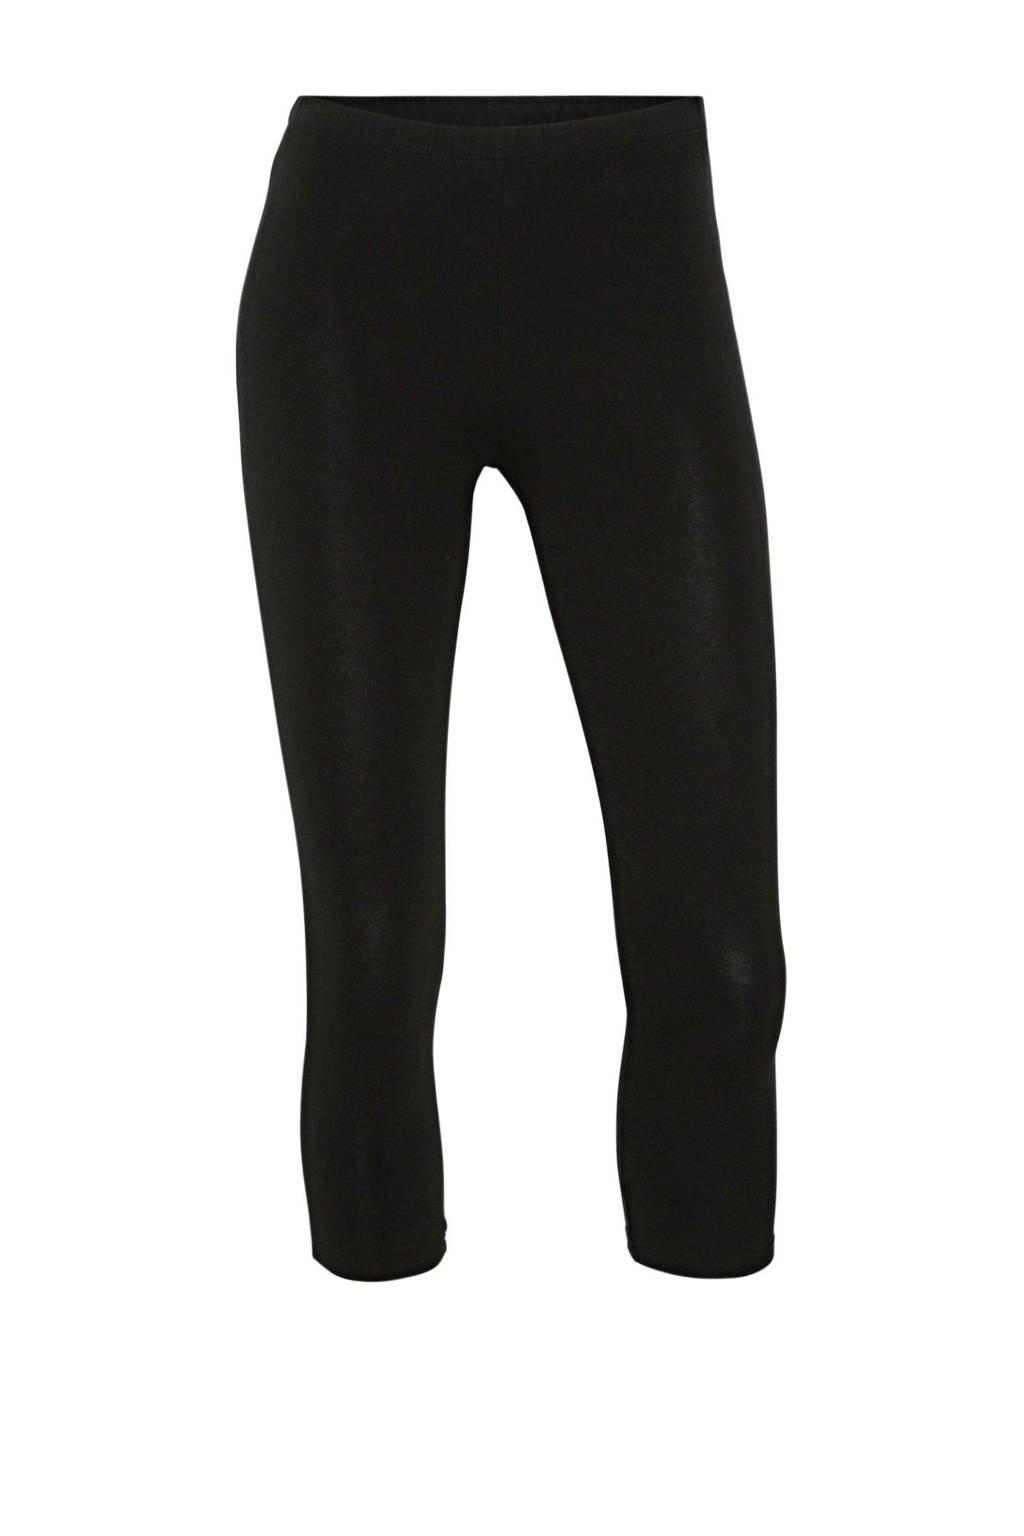 anytime capri legging zwart, Zwart